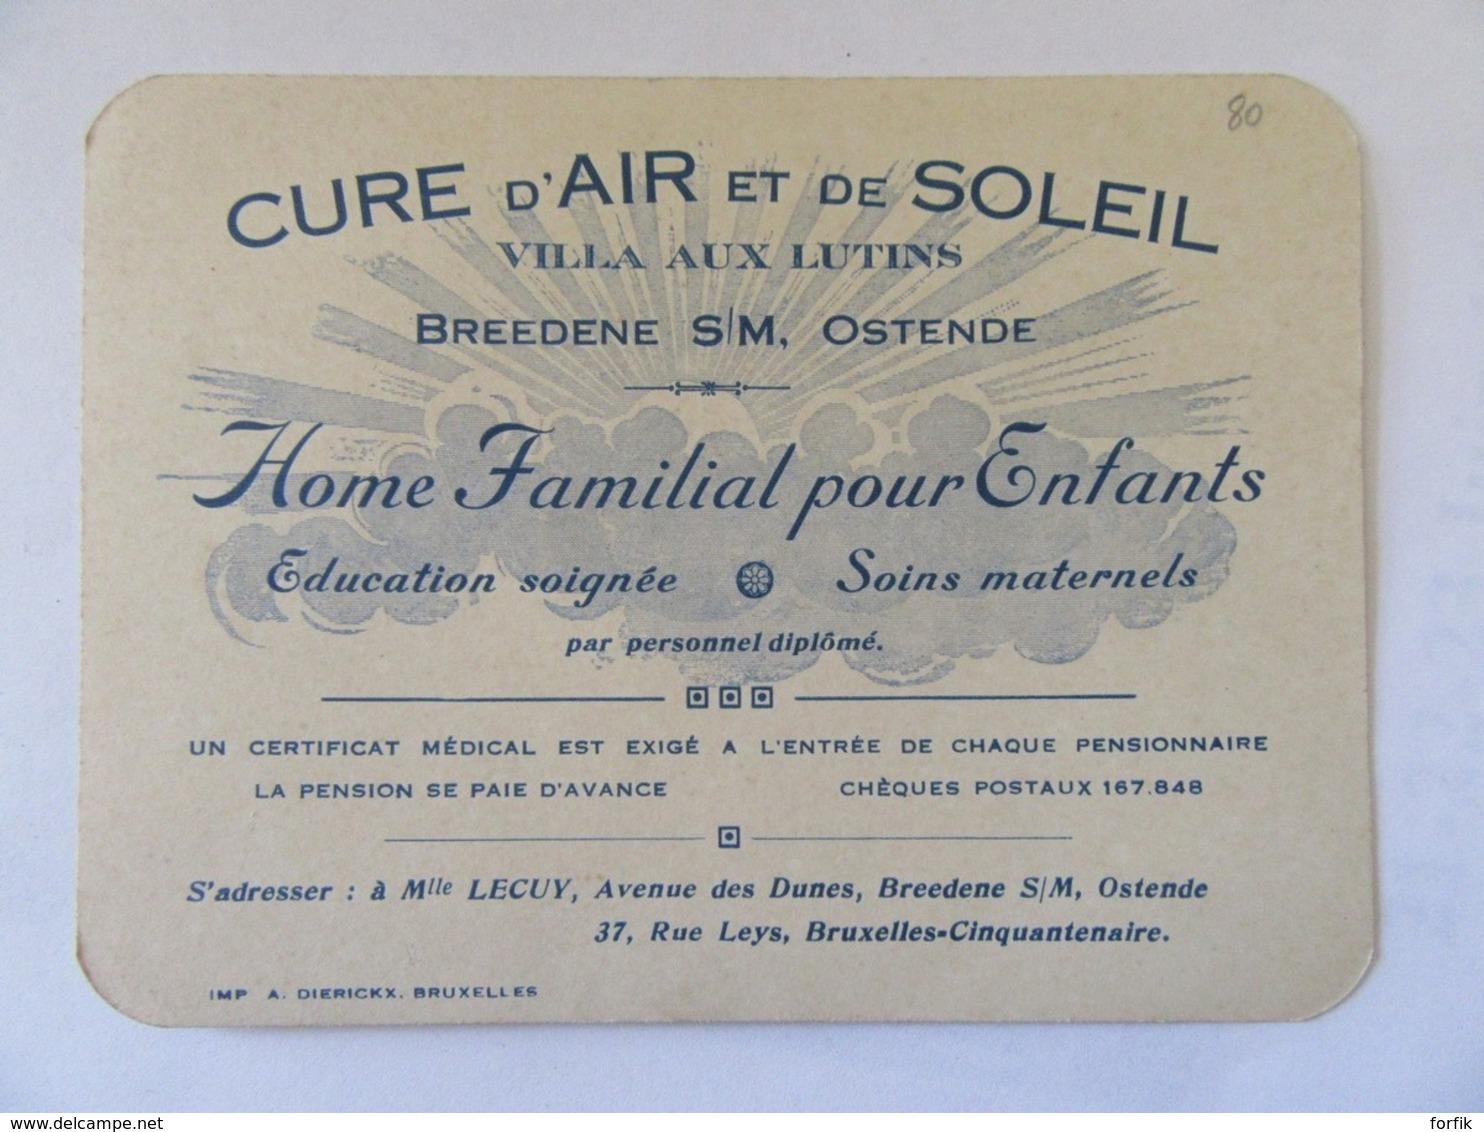 Belgique - Carte Publicitaire De La Villa Aux Lutins, Cure D'Air Et De Soleil - Breedene Sur Mer / Ostende - Advertising